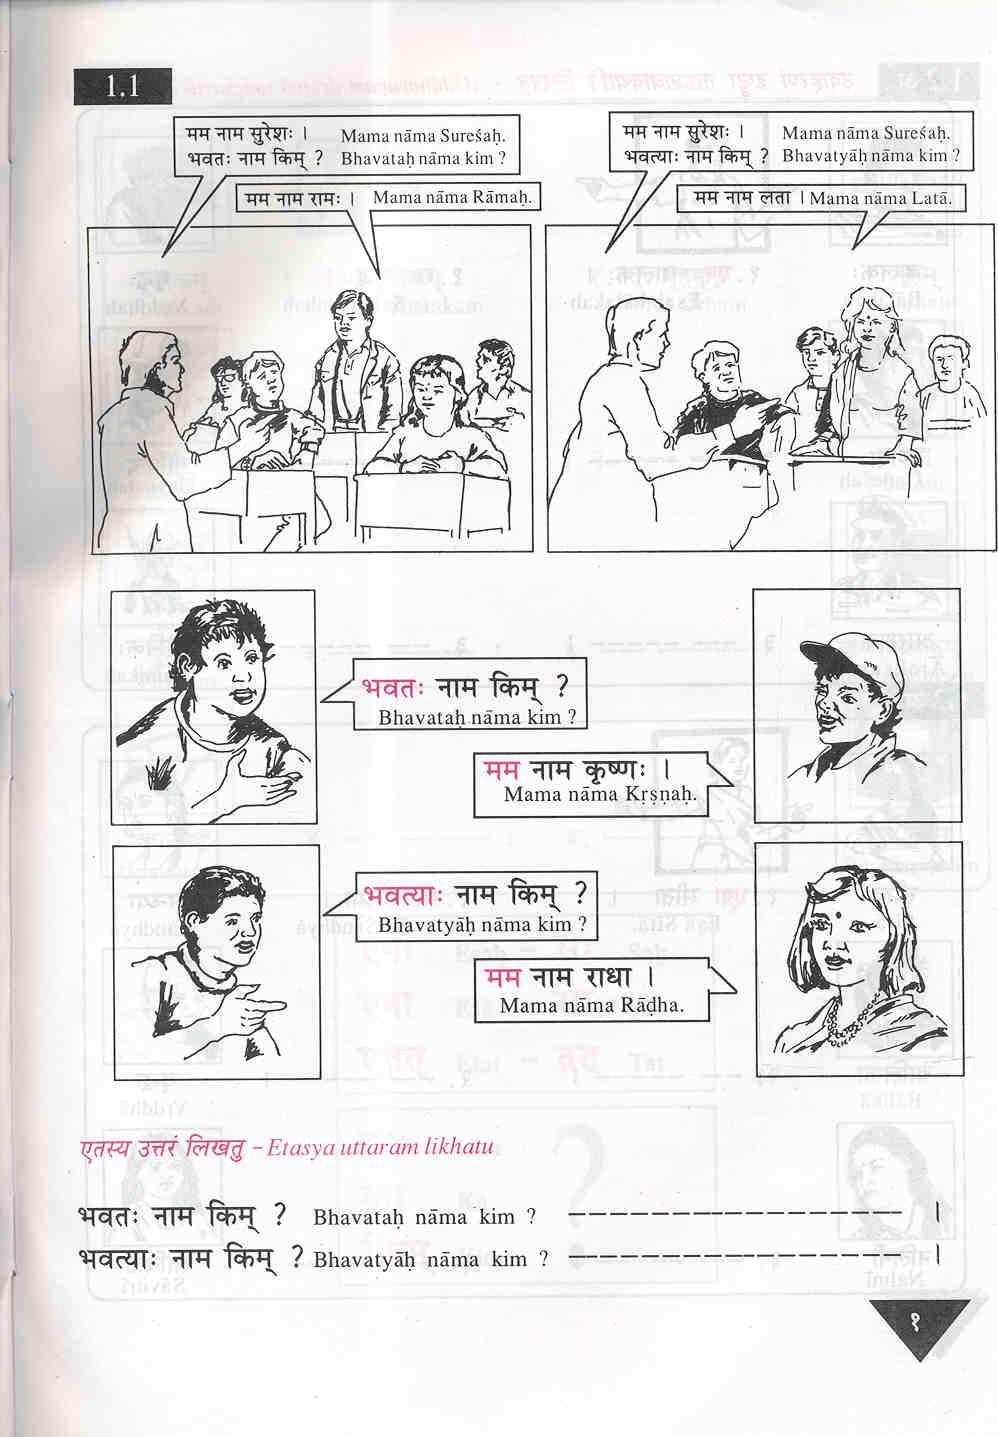 Download ebook free learning sanskrit